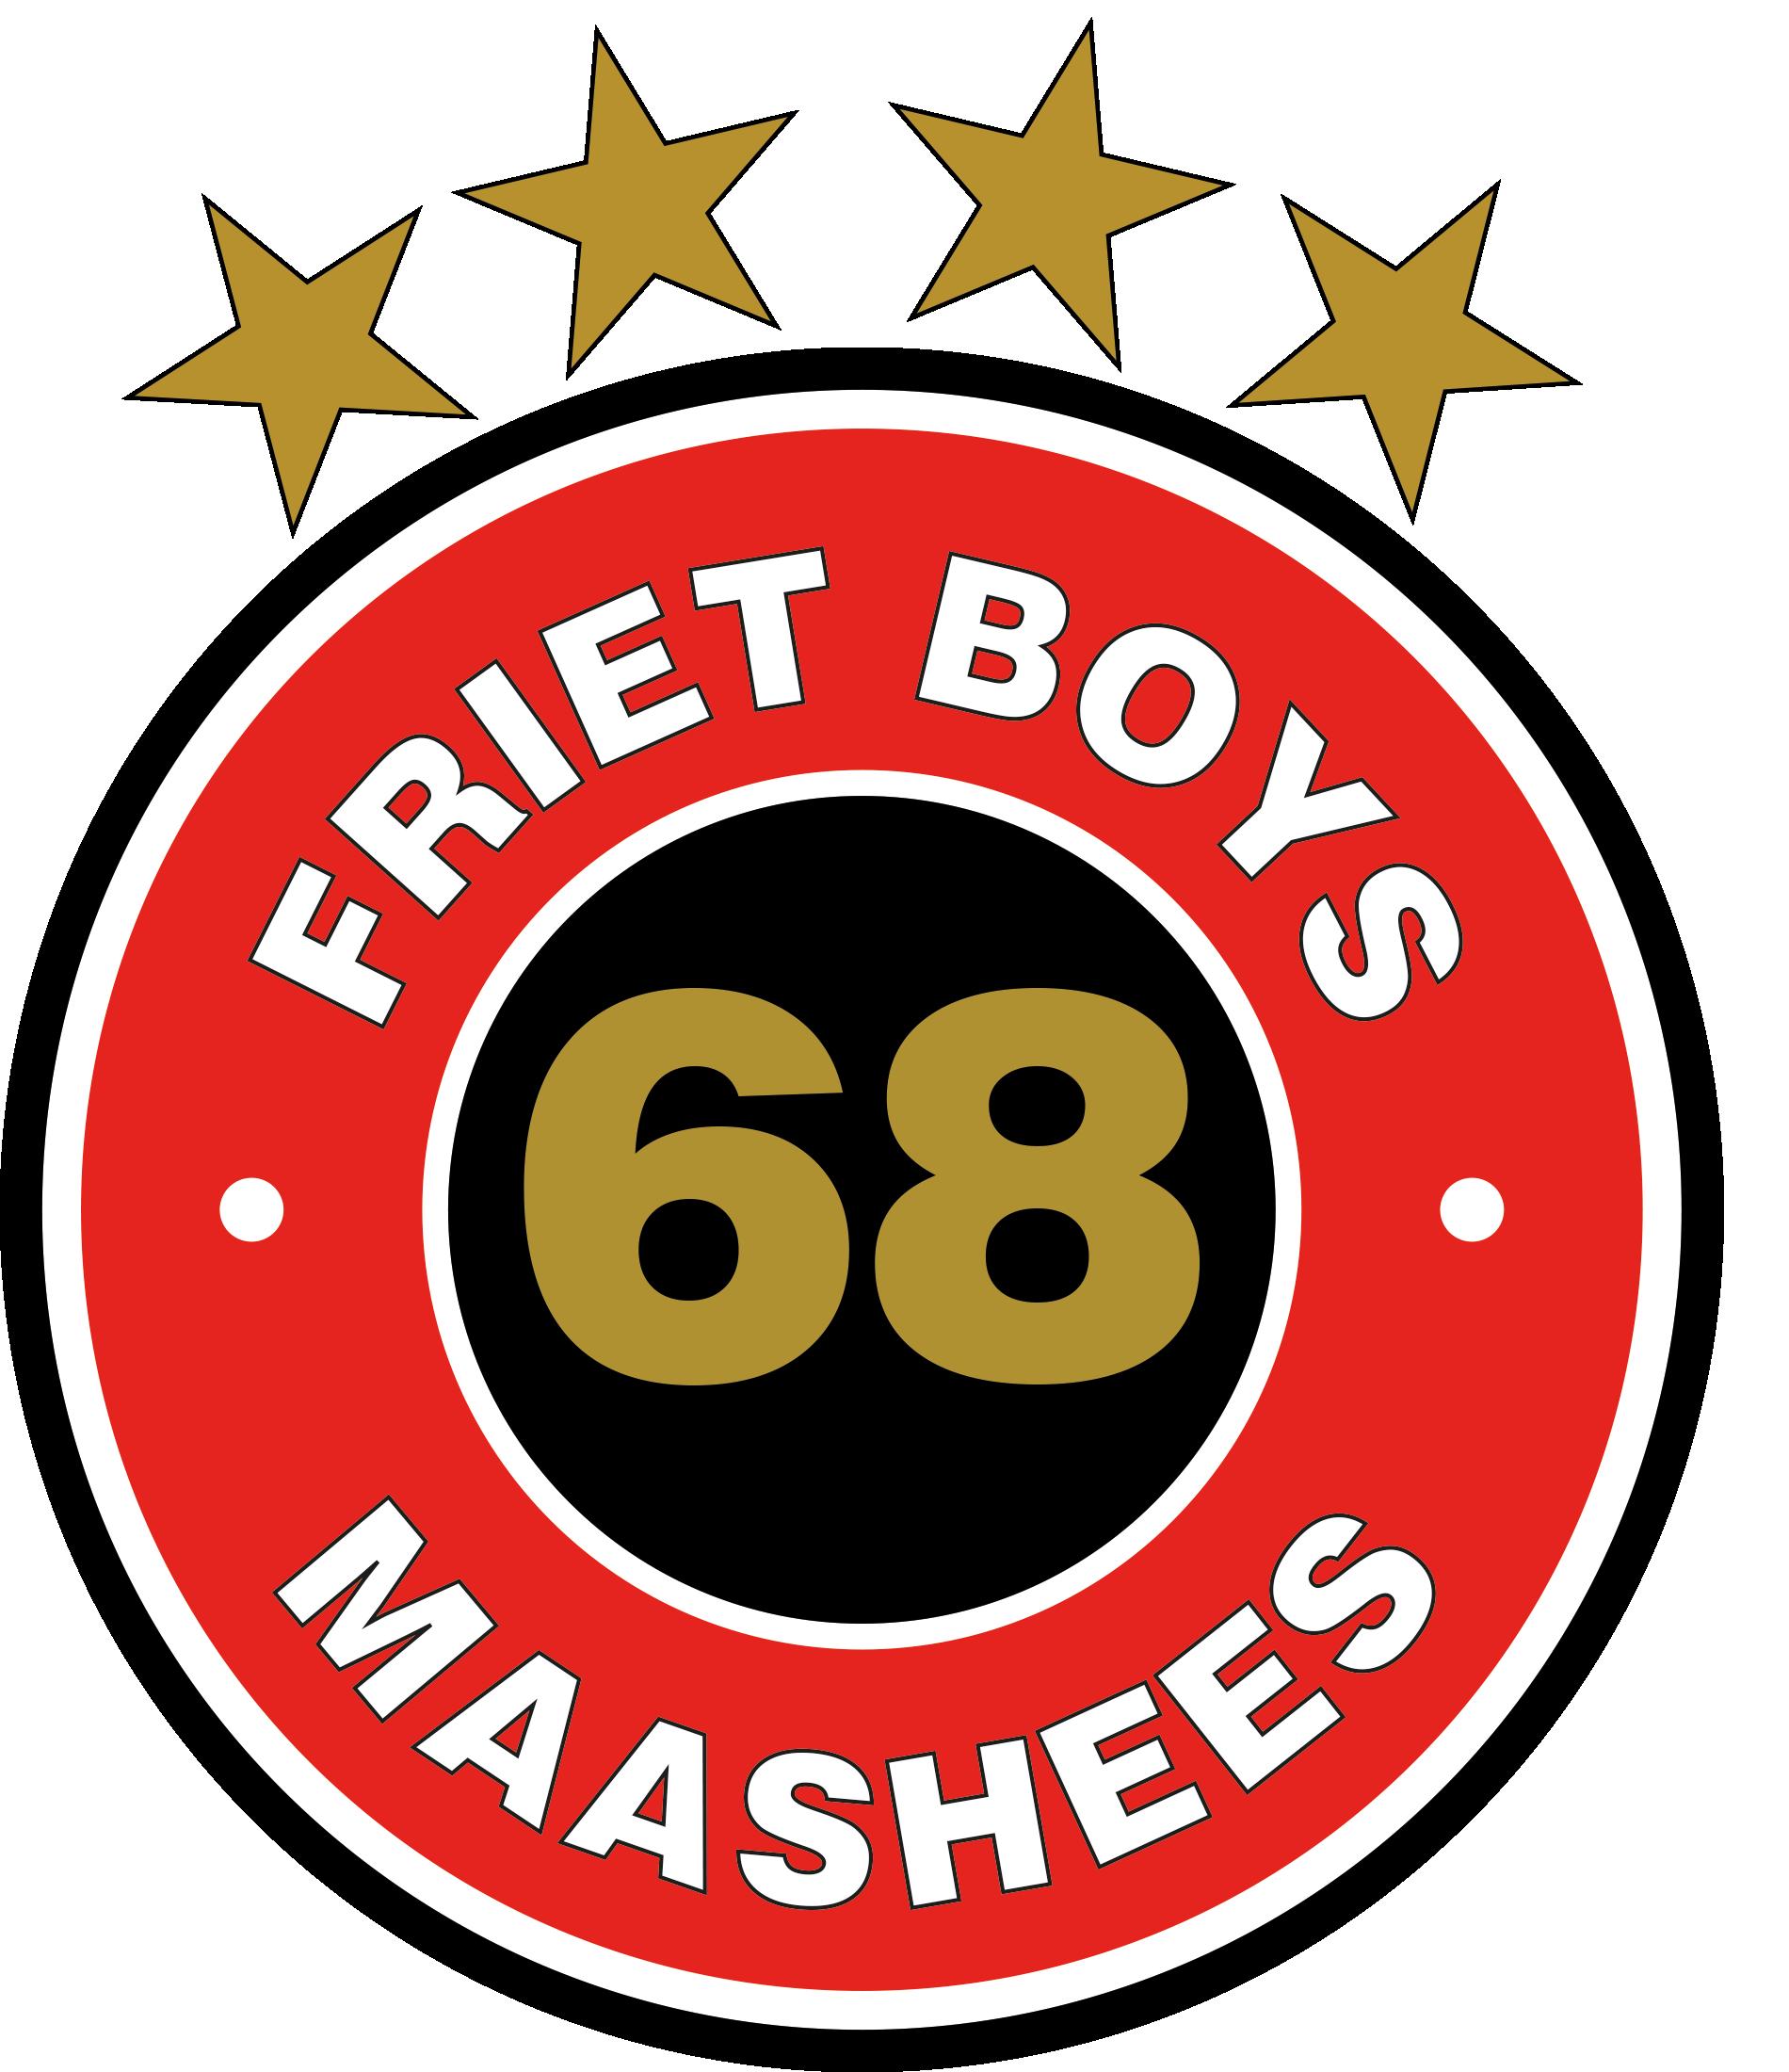 F.B.M.'68